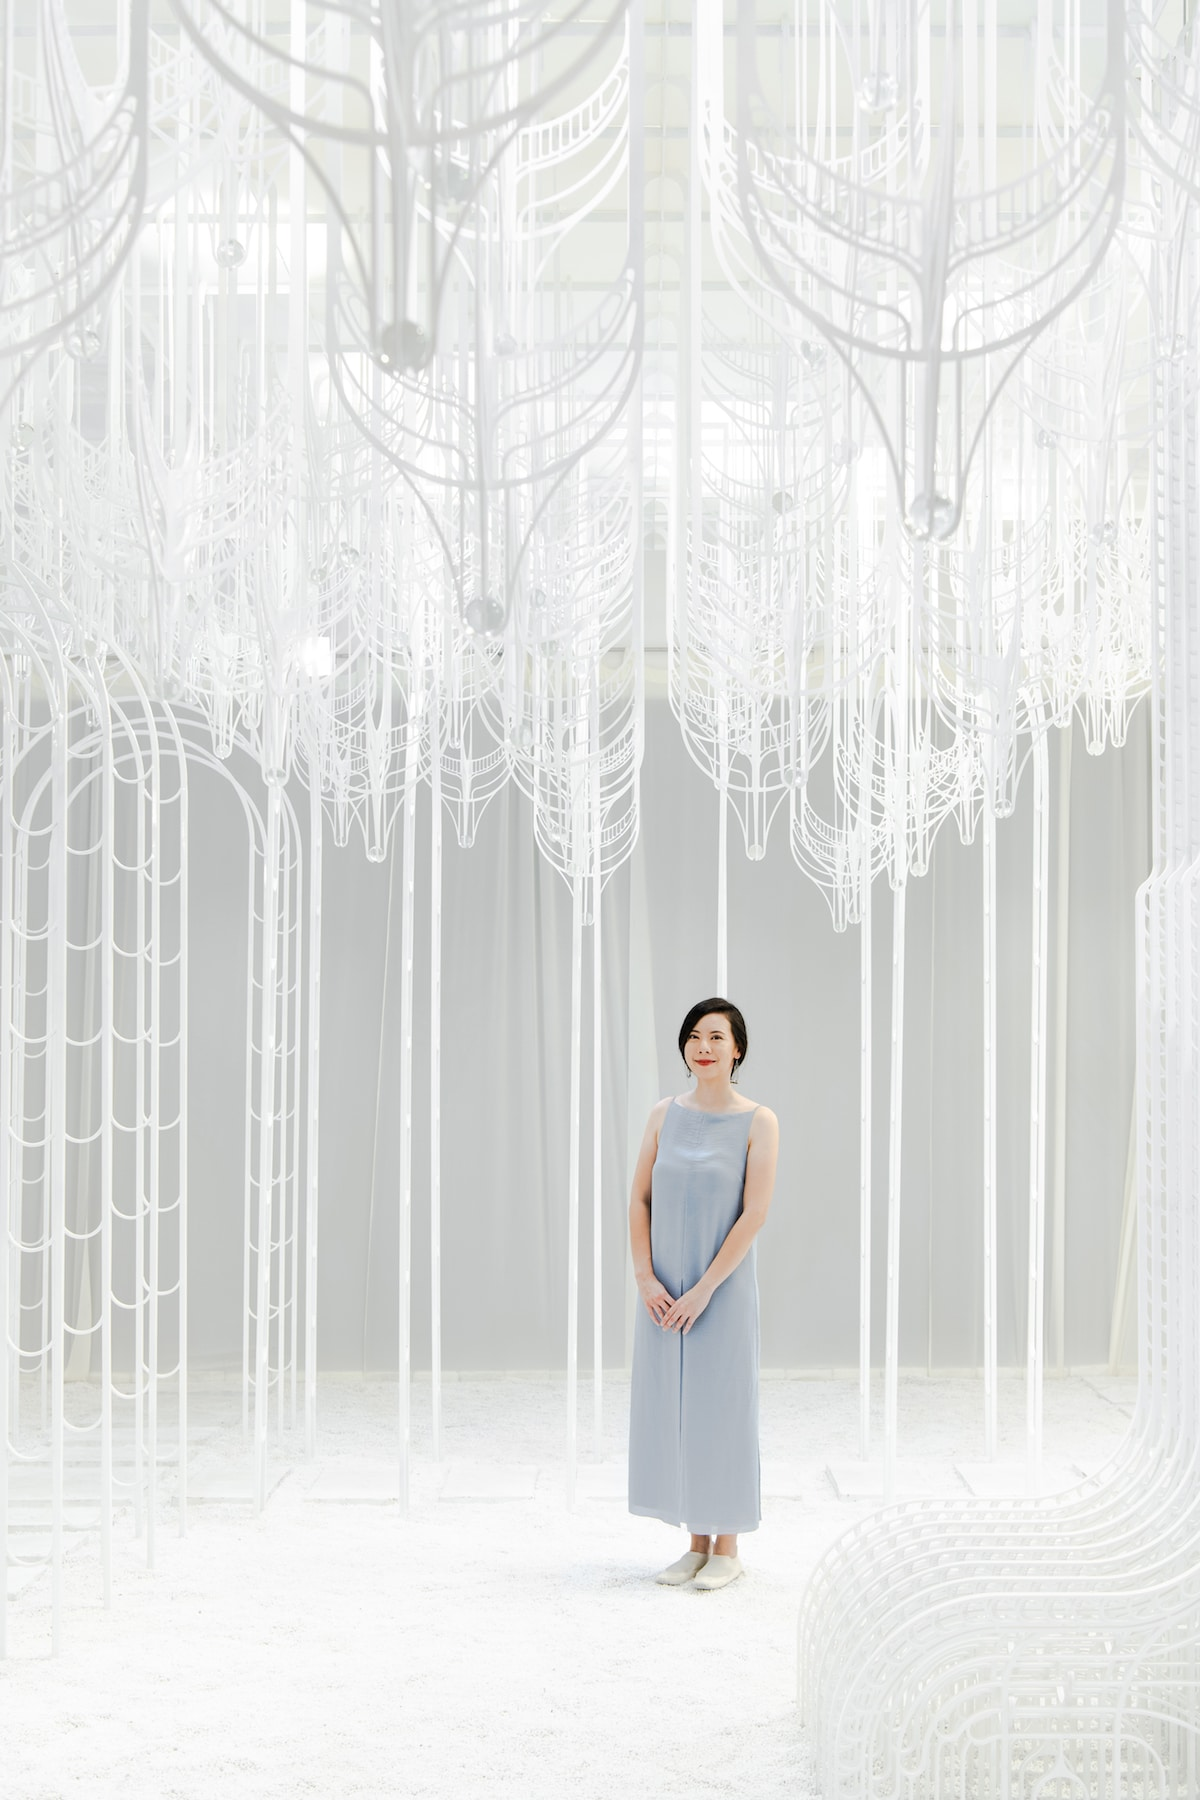 Pamela Tan Garden of Eden Installation Architectural Installation